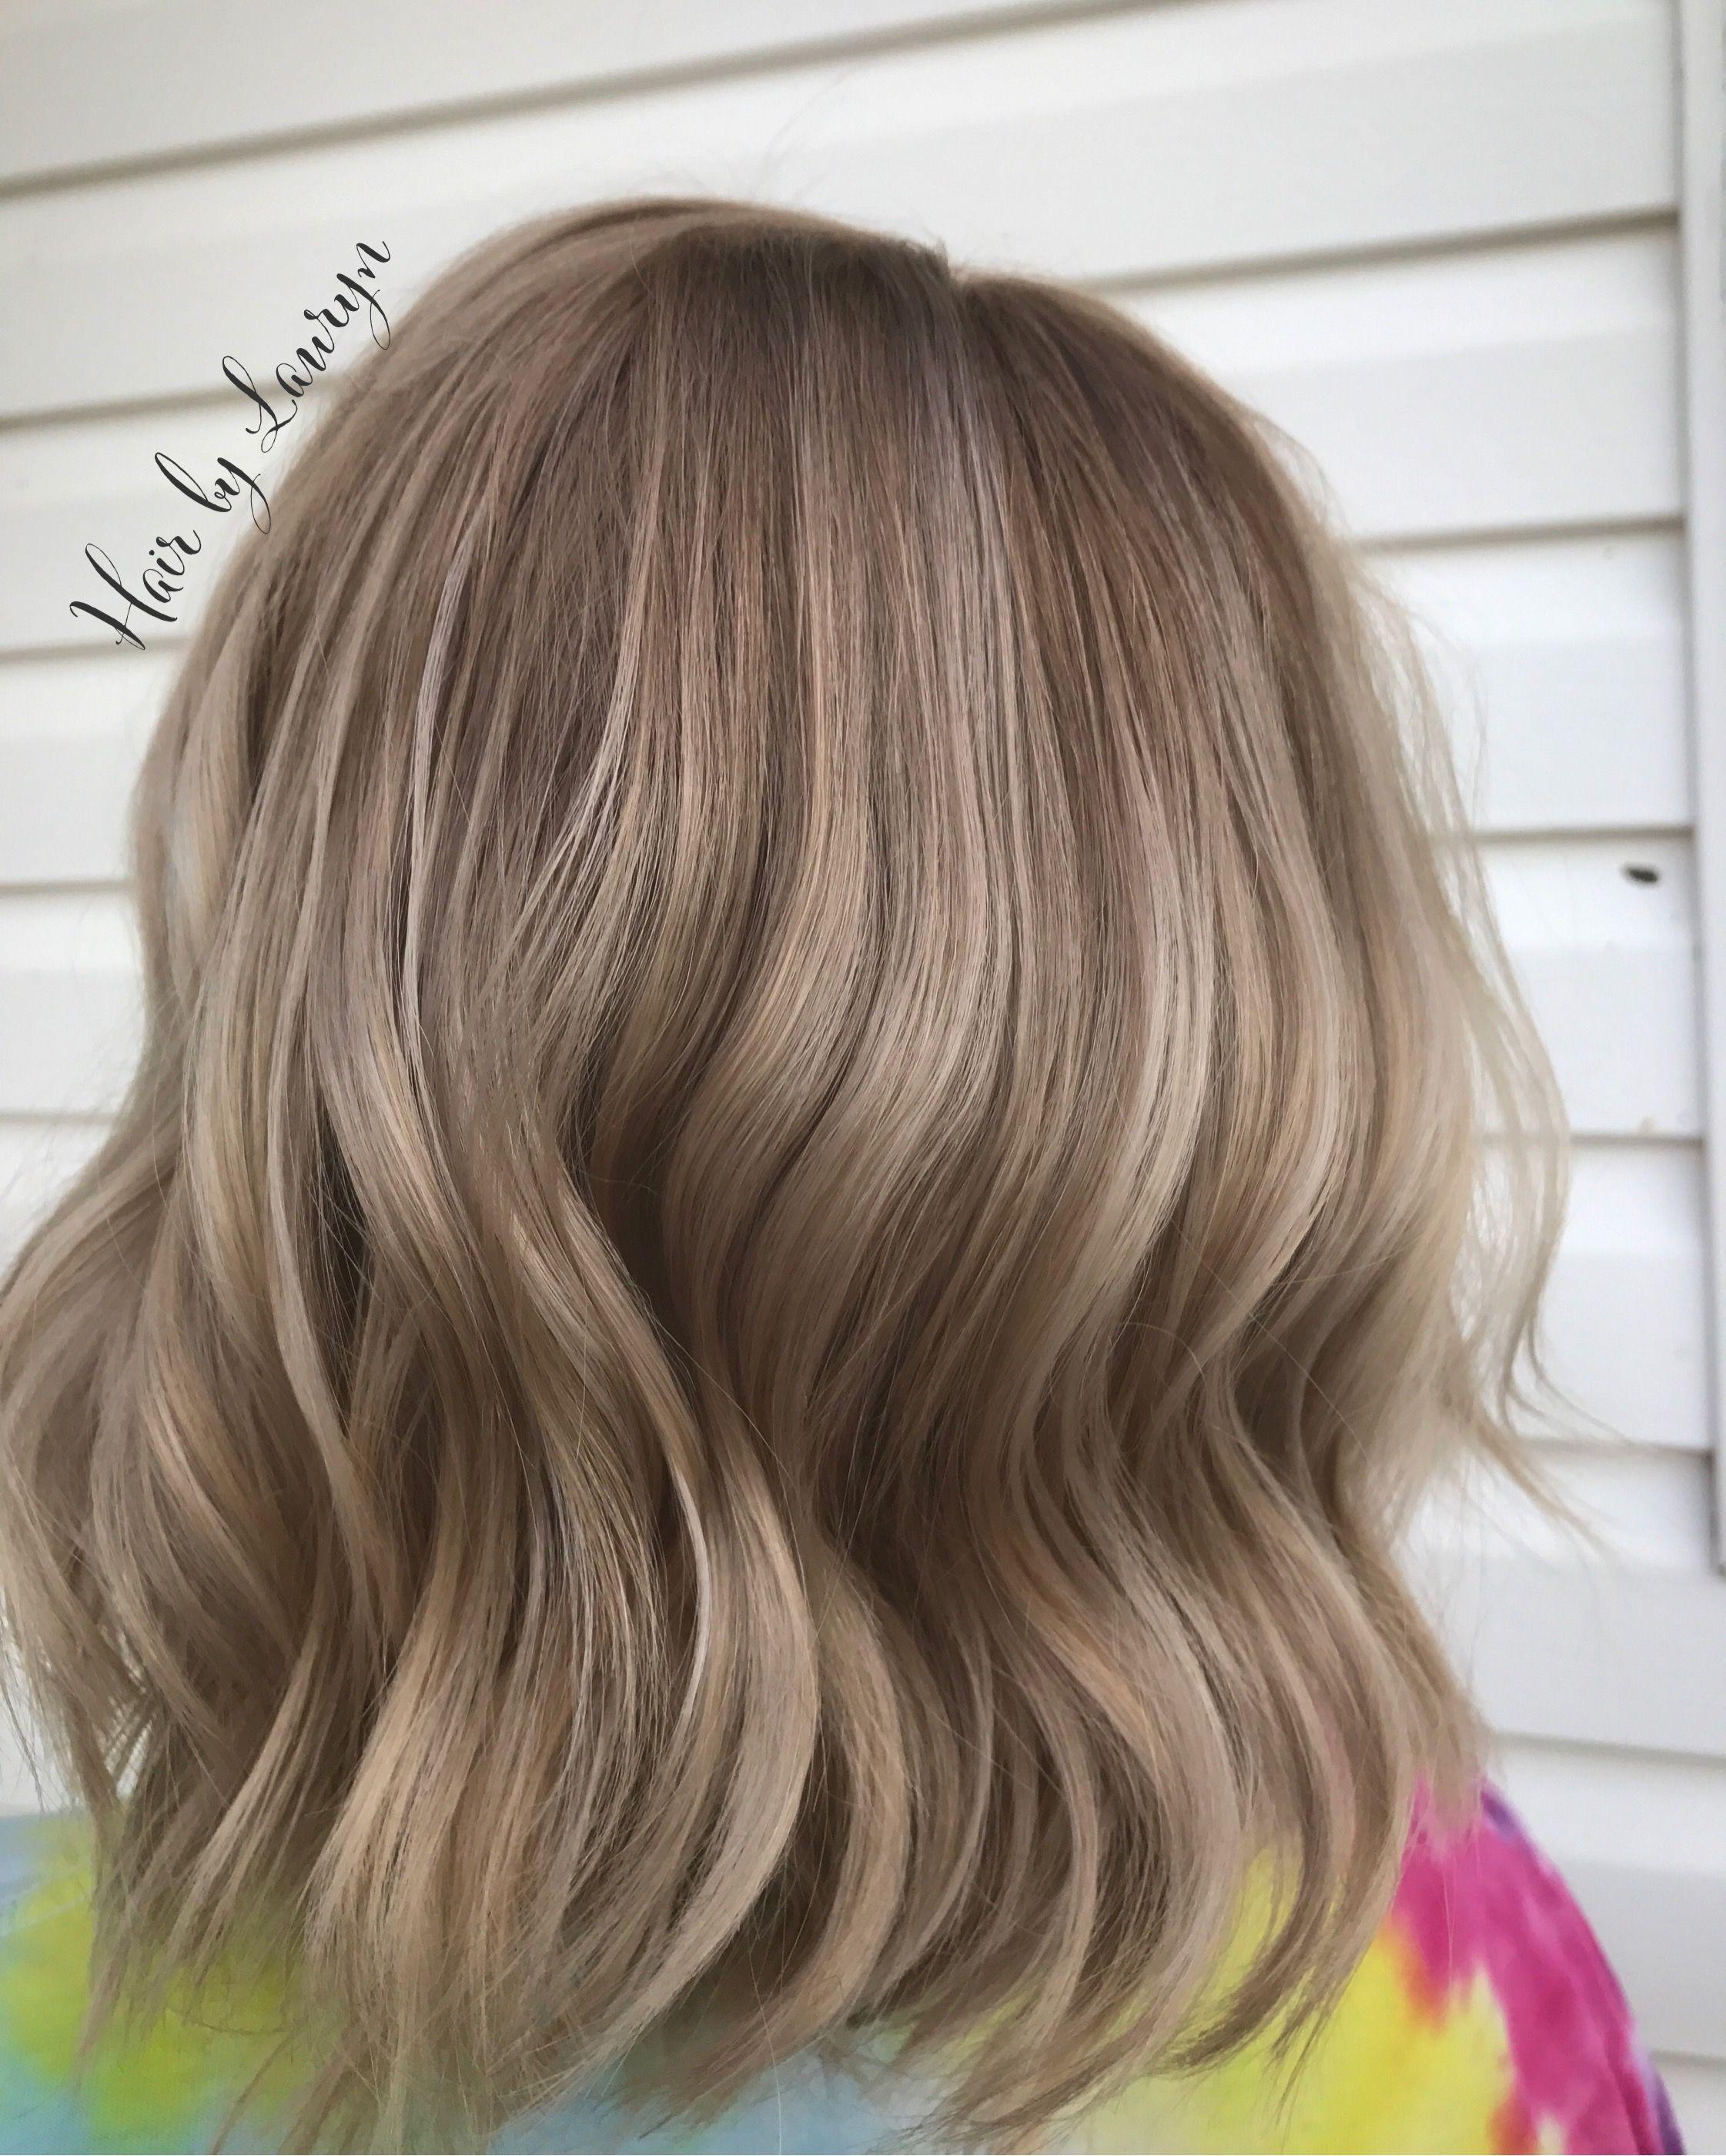 Hair Salon | Hair by Lauryn | Thibodaux, Louisiana